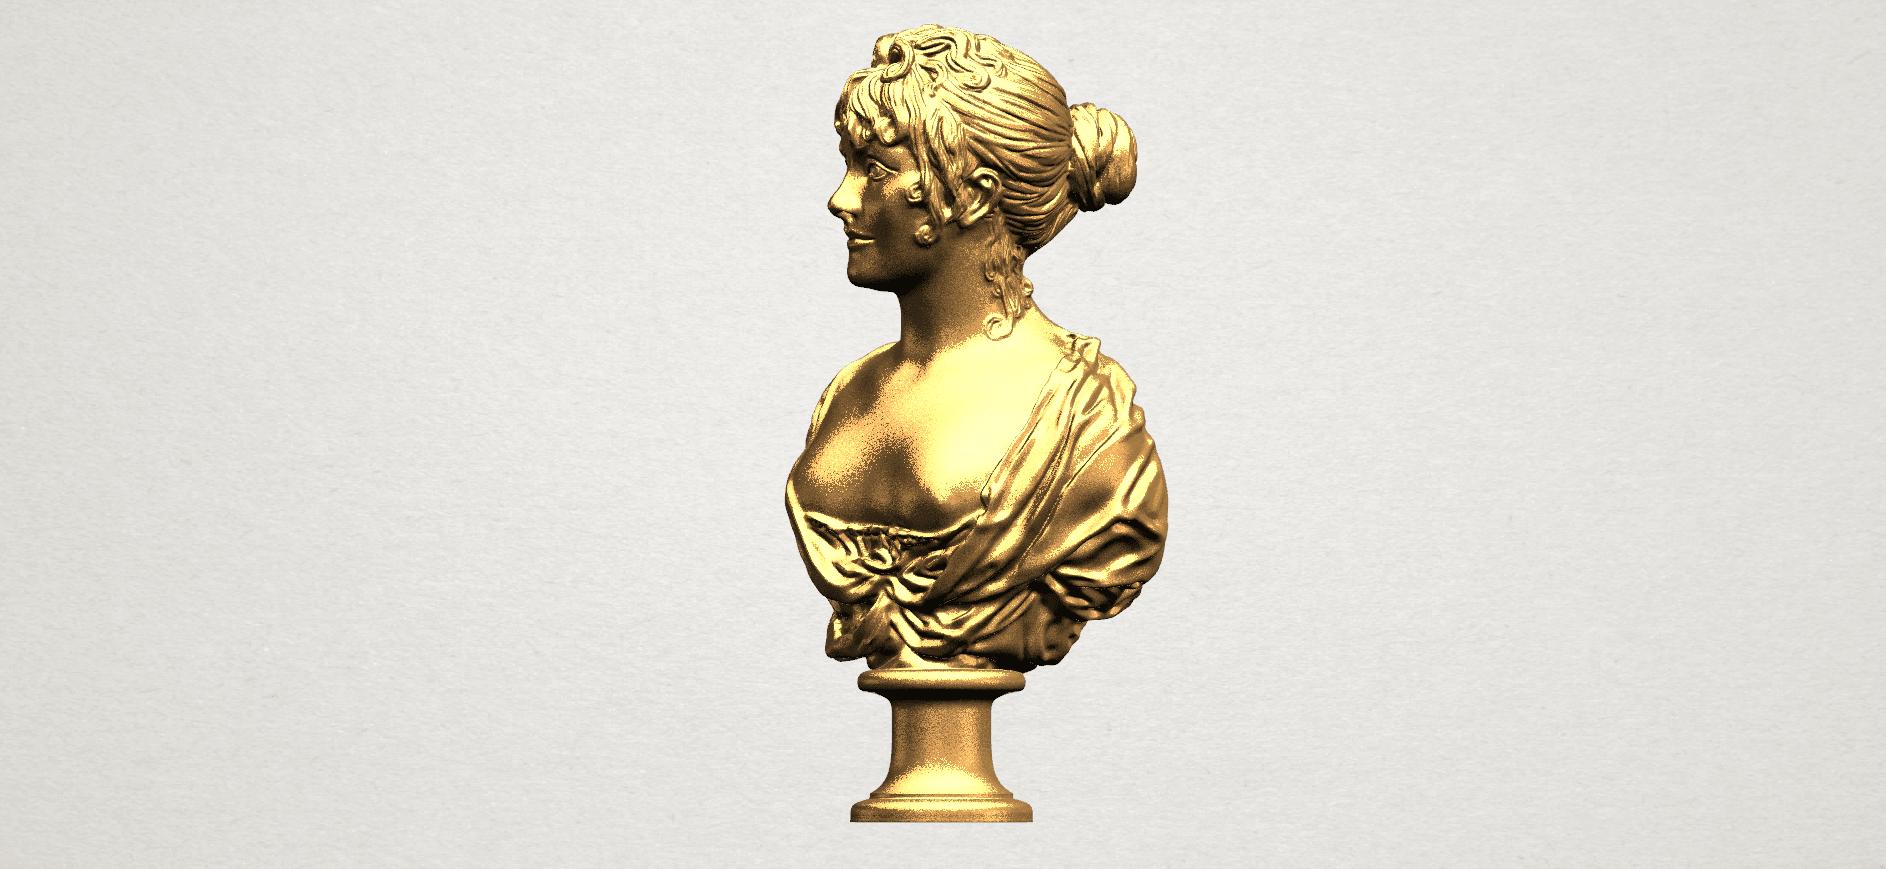 Bust of a girl 01 A02.png Télécharger fichier STL gratuit Buste d'une fille 01 • Modèle à imprimer en 3D, GeorgesNikkei